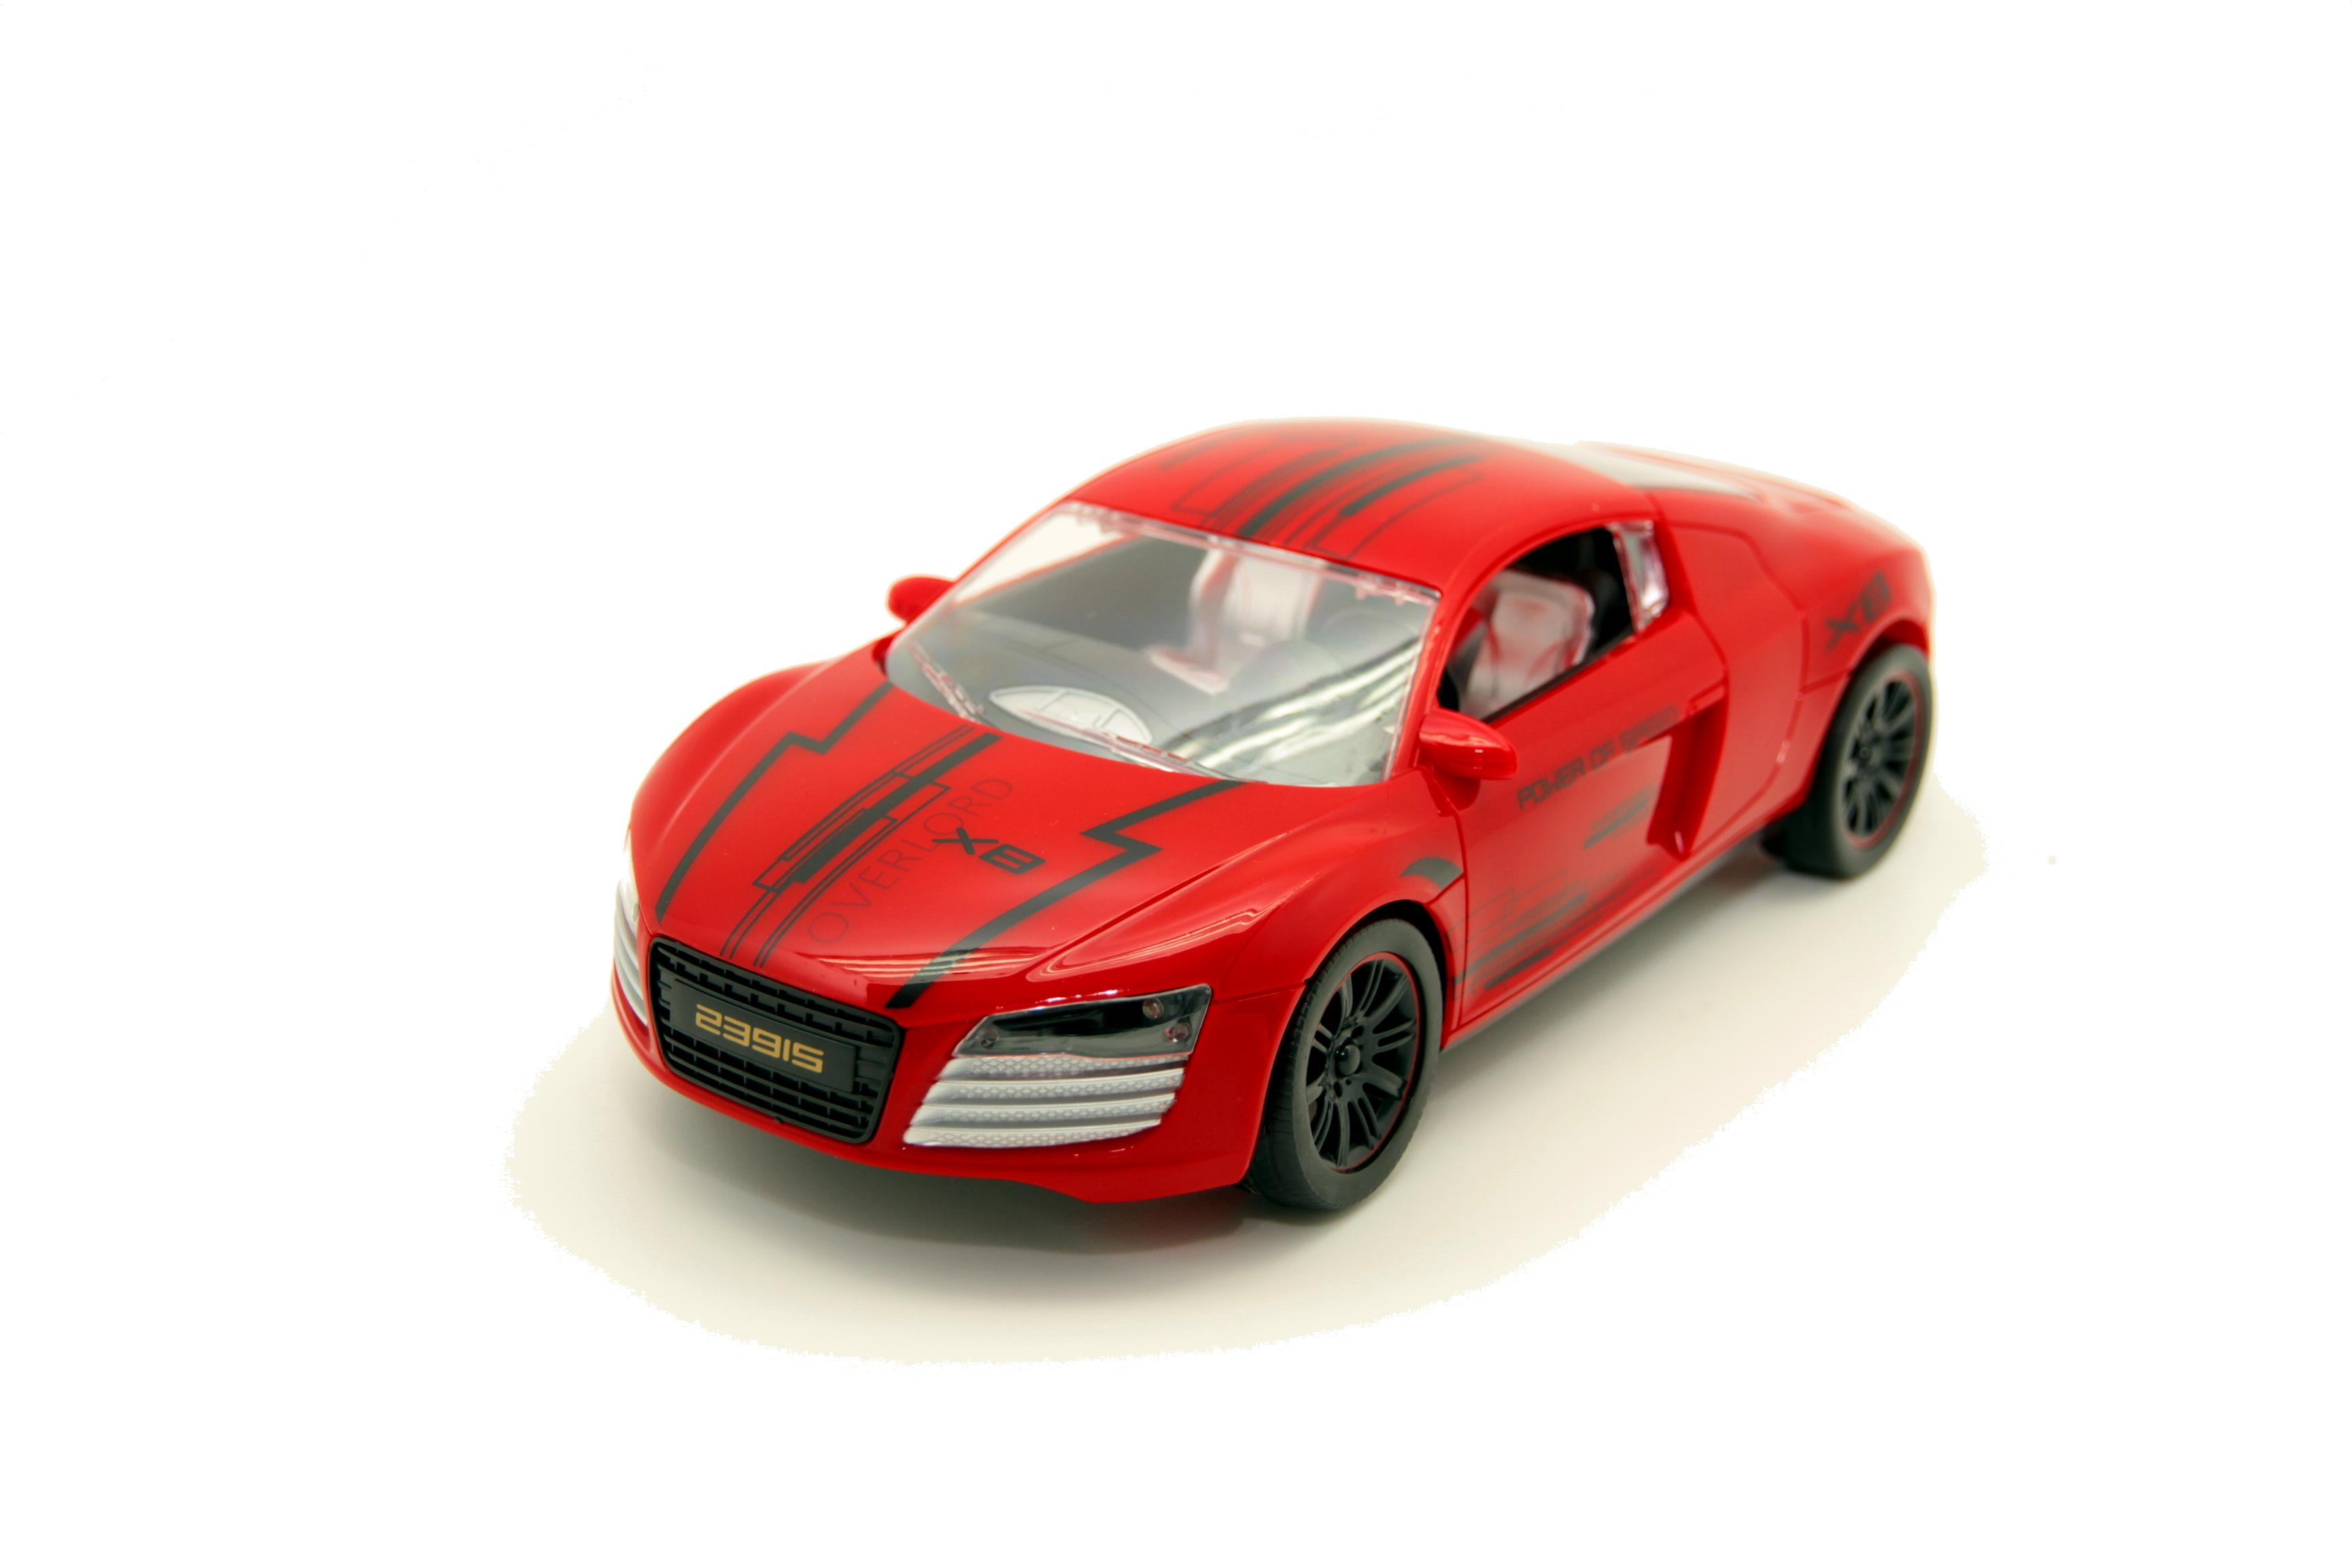 Игрушки на радиоуправлении BALBI RCS-1601 RA автомобиль balbi спорткар 1 16 белый от 5 лет пластик металл rcs 1601 wa